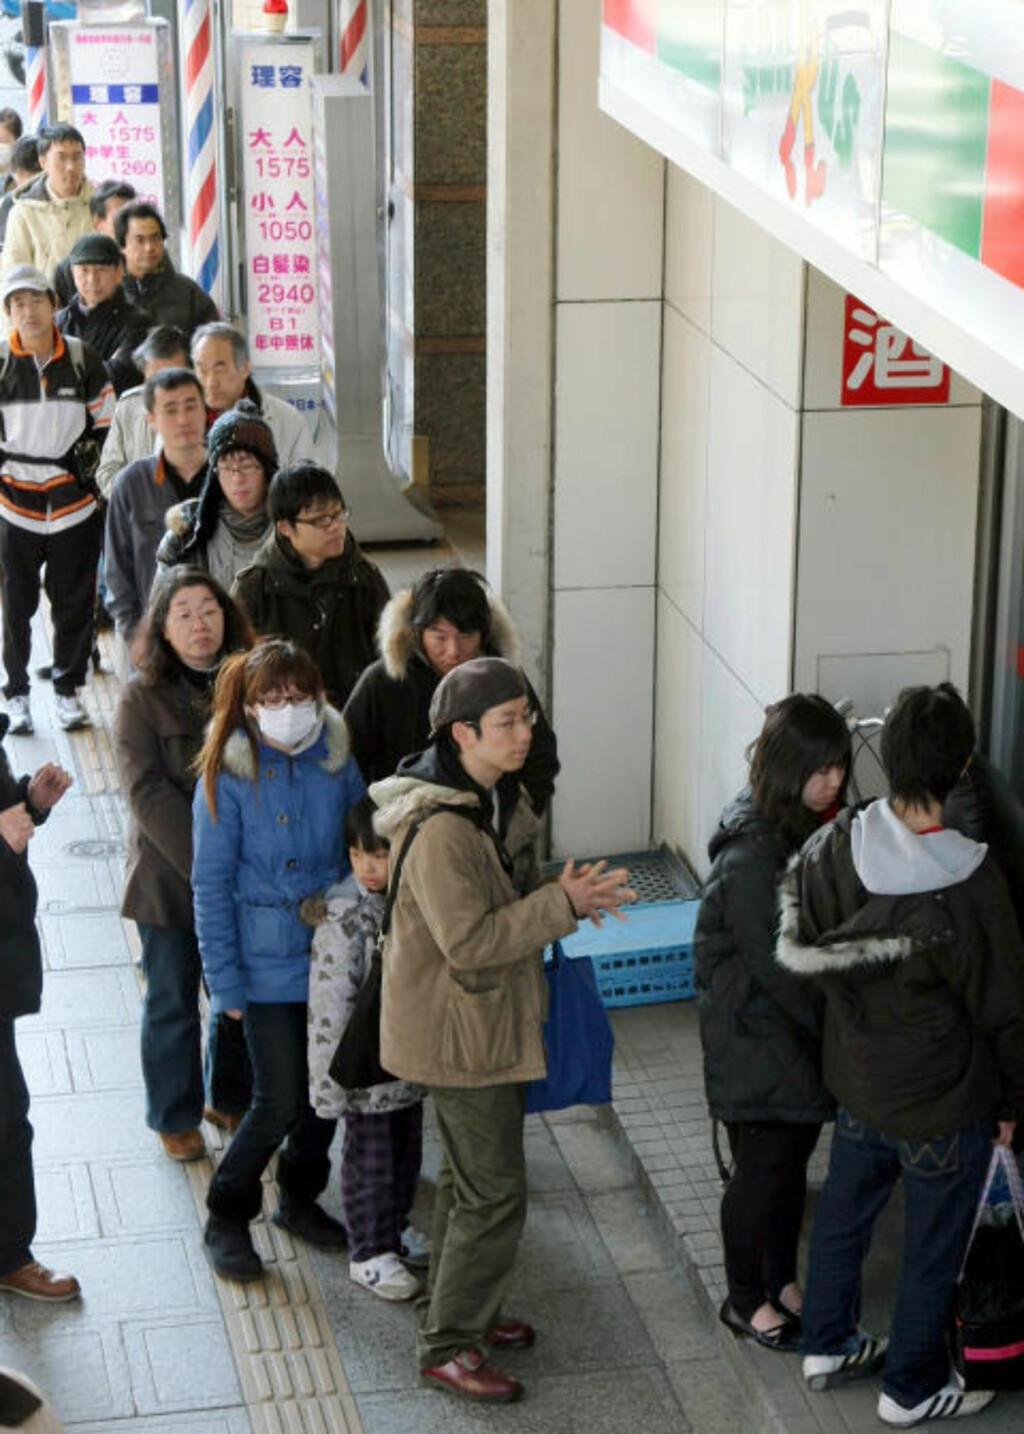 KØKULTUR: Folk står pent i kø og venter på tur. - Japanerne tenker at det er noen som har det verre enn dem selv - uansett hvor ille de har det, sier Kalland. Foto: AP Photo/Kyodo News, Mai Tomori/Scanpix